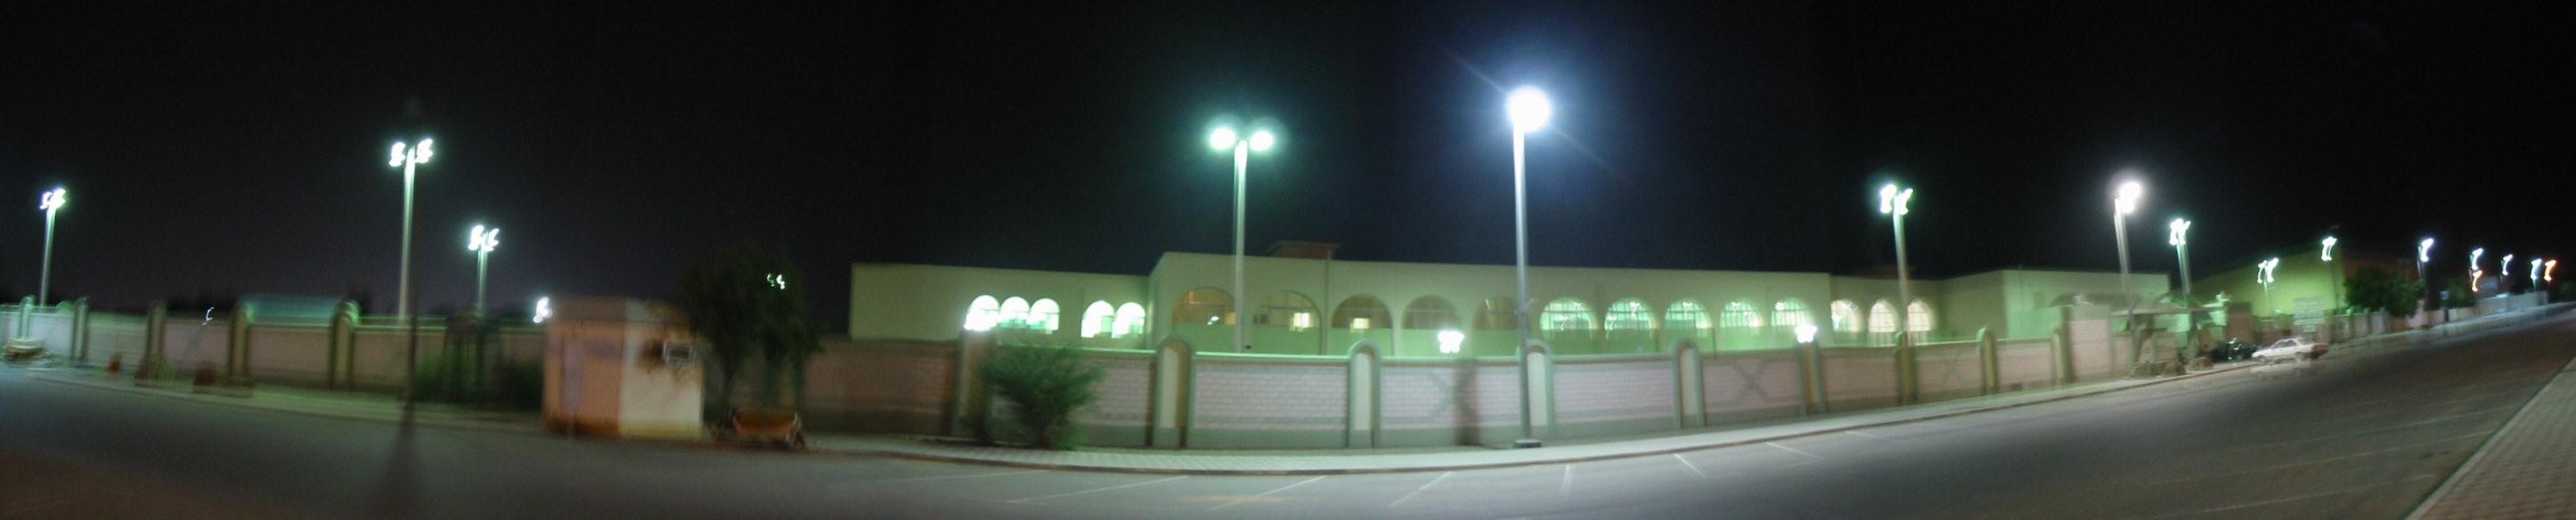 Asma Bint Abu Baker Al Seddeque